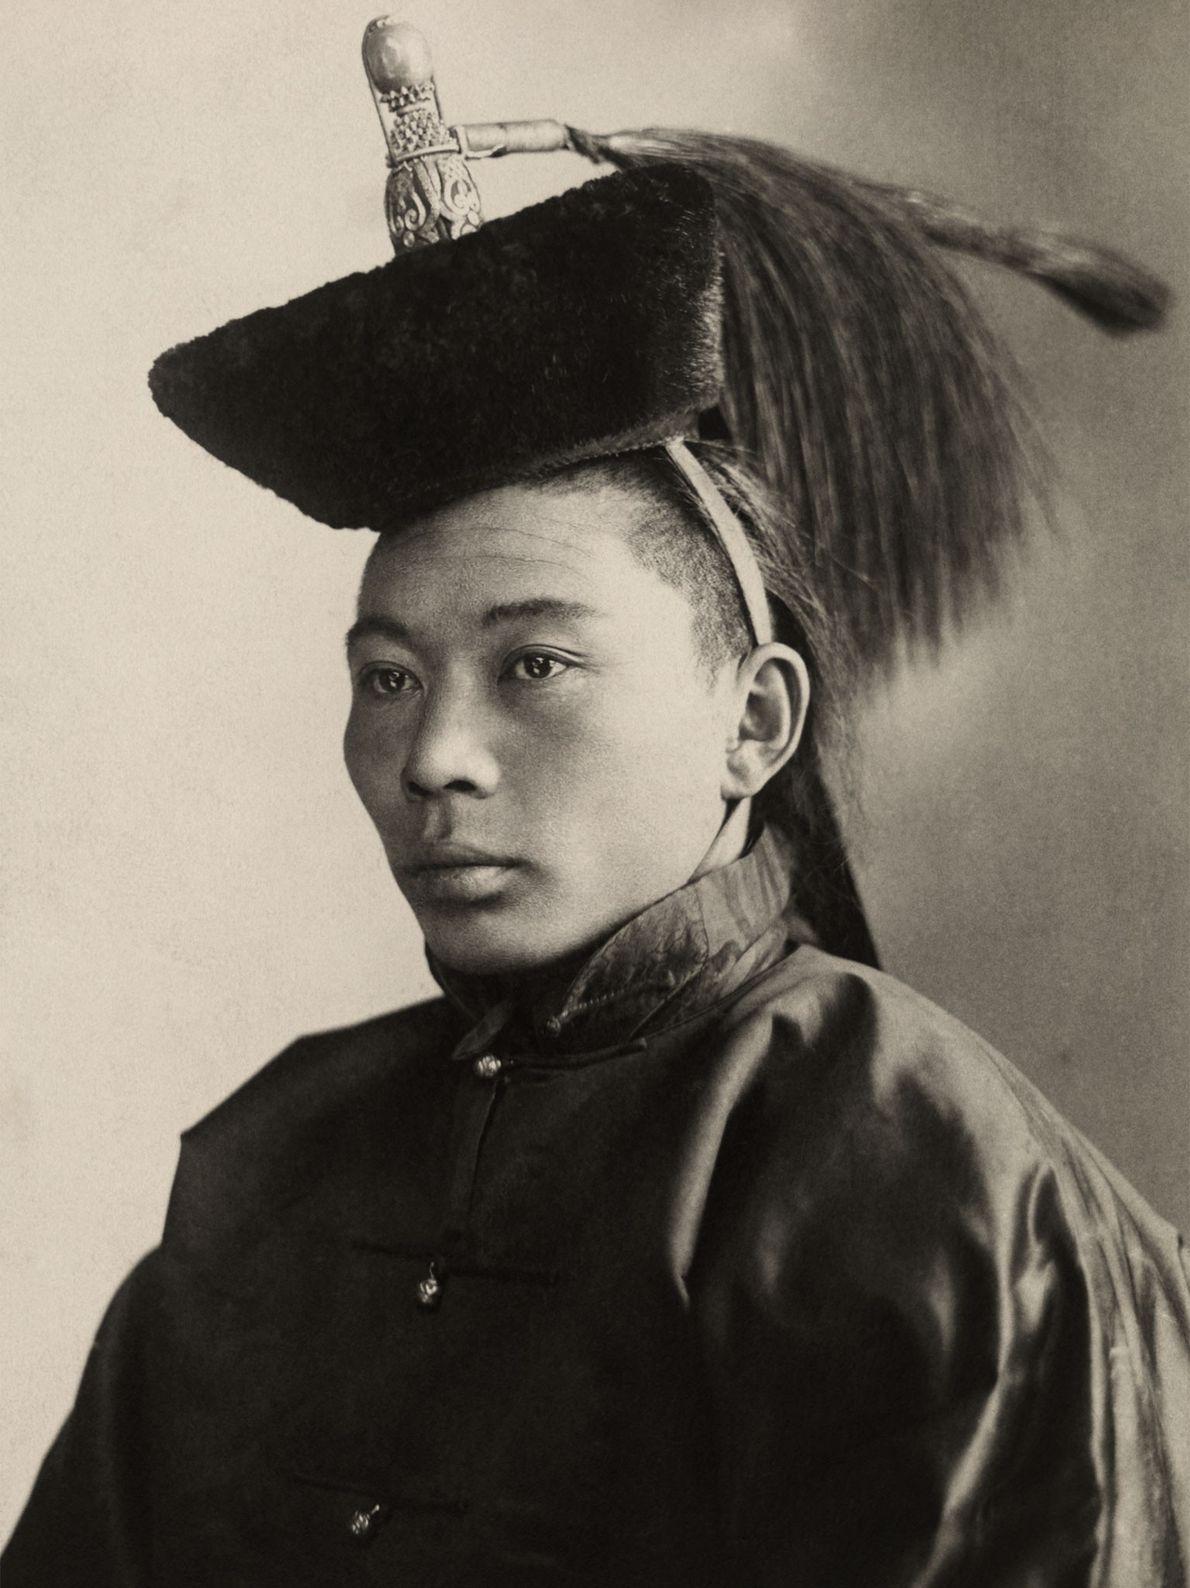 Um jovem príncipe da Mongólia posa para uma foto, usando um chapéu com enfeites que simbolizam ...